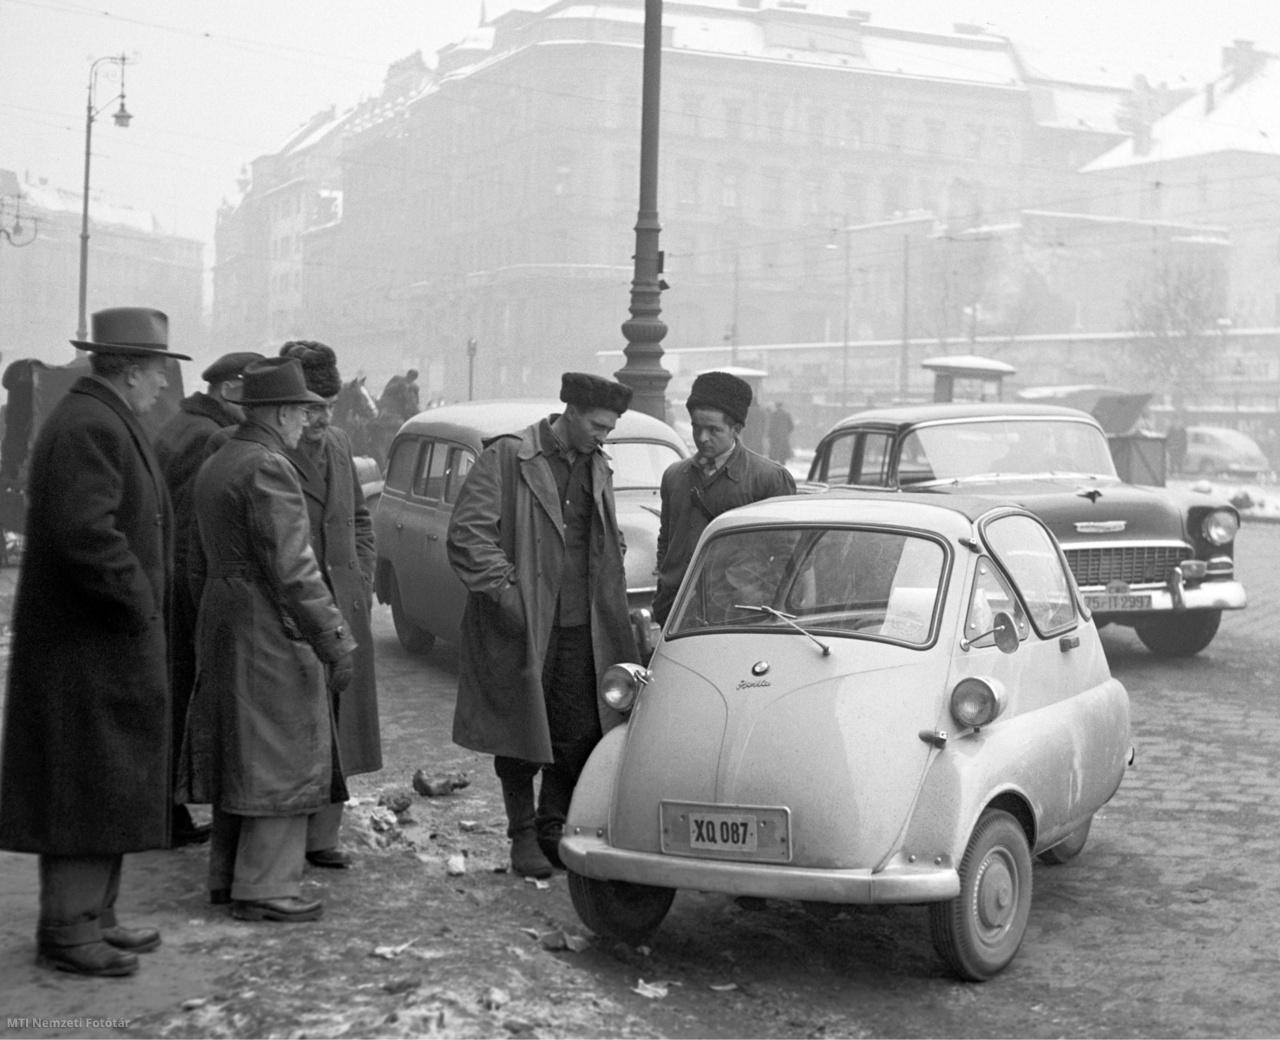 Budapest, 1956. december 29. BMW Isetta törpeautót néznek a járókelők a Tanács körúton. (A Tanács körút: a Kiskörút Deák Ferenc tértől a Rákóczi útig terjedő szakasza volt. 1874-től Károly körút, 1916-tól Károly király utca, 1945. április 17-től Somogyi Béla út, 1950-től Tanács körút, 1991-től újra Károly körút.)